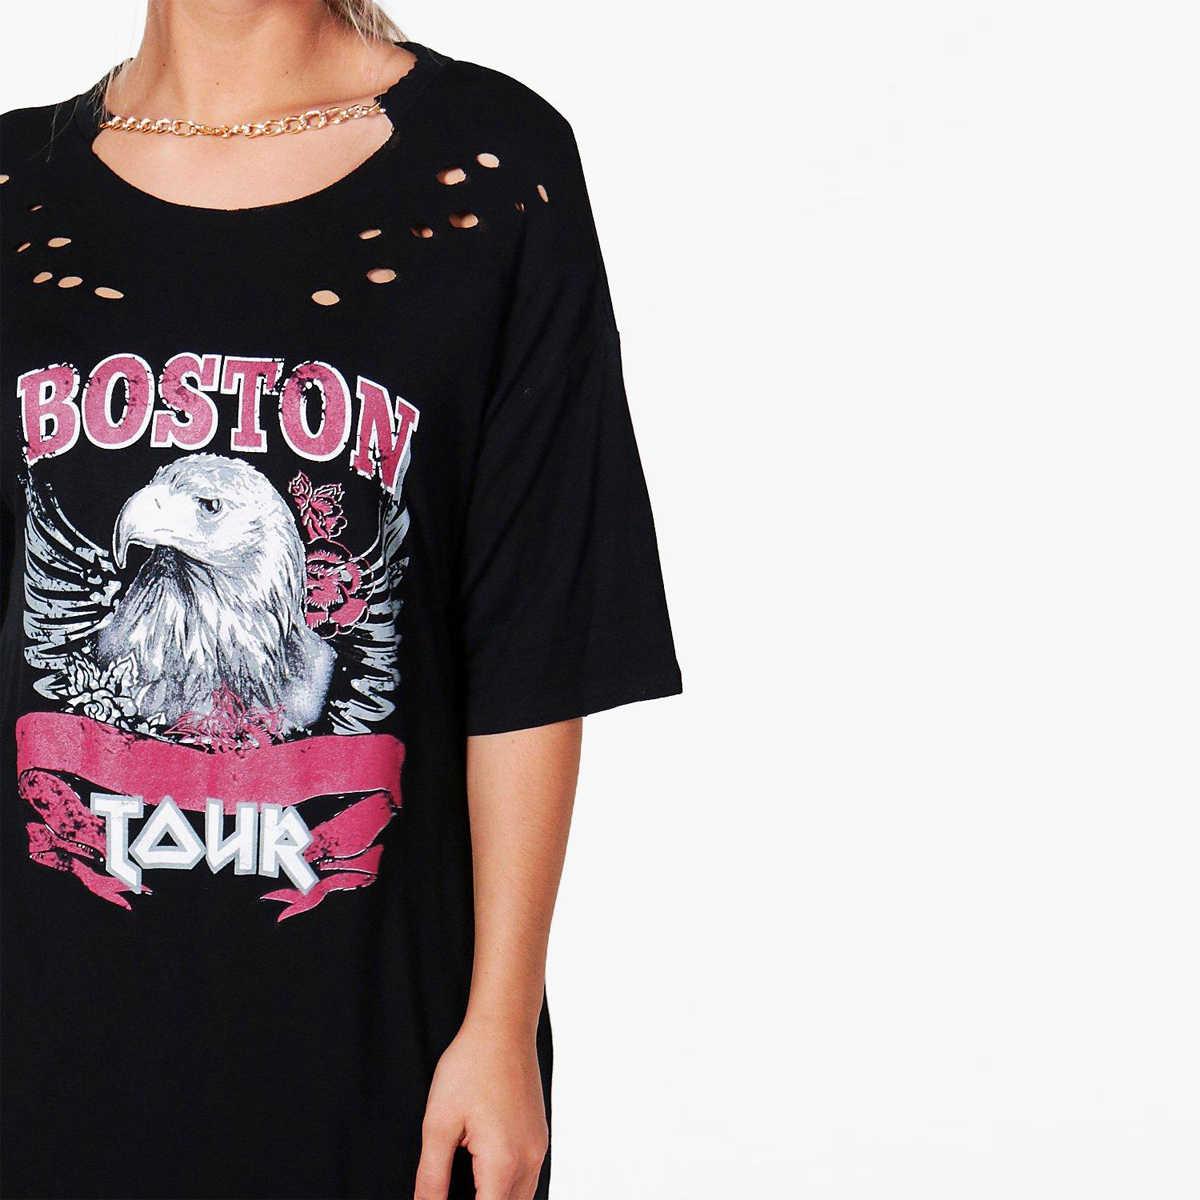 392e628a289 ... Kissmilk Plus Size Women Animal BOSTON Print T-shirt Dress Distressed Punk  Shirt Hollow Out